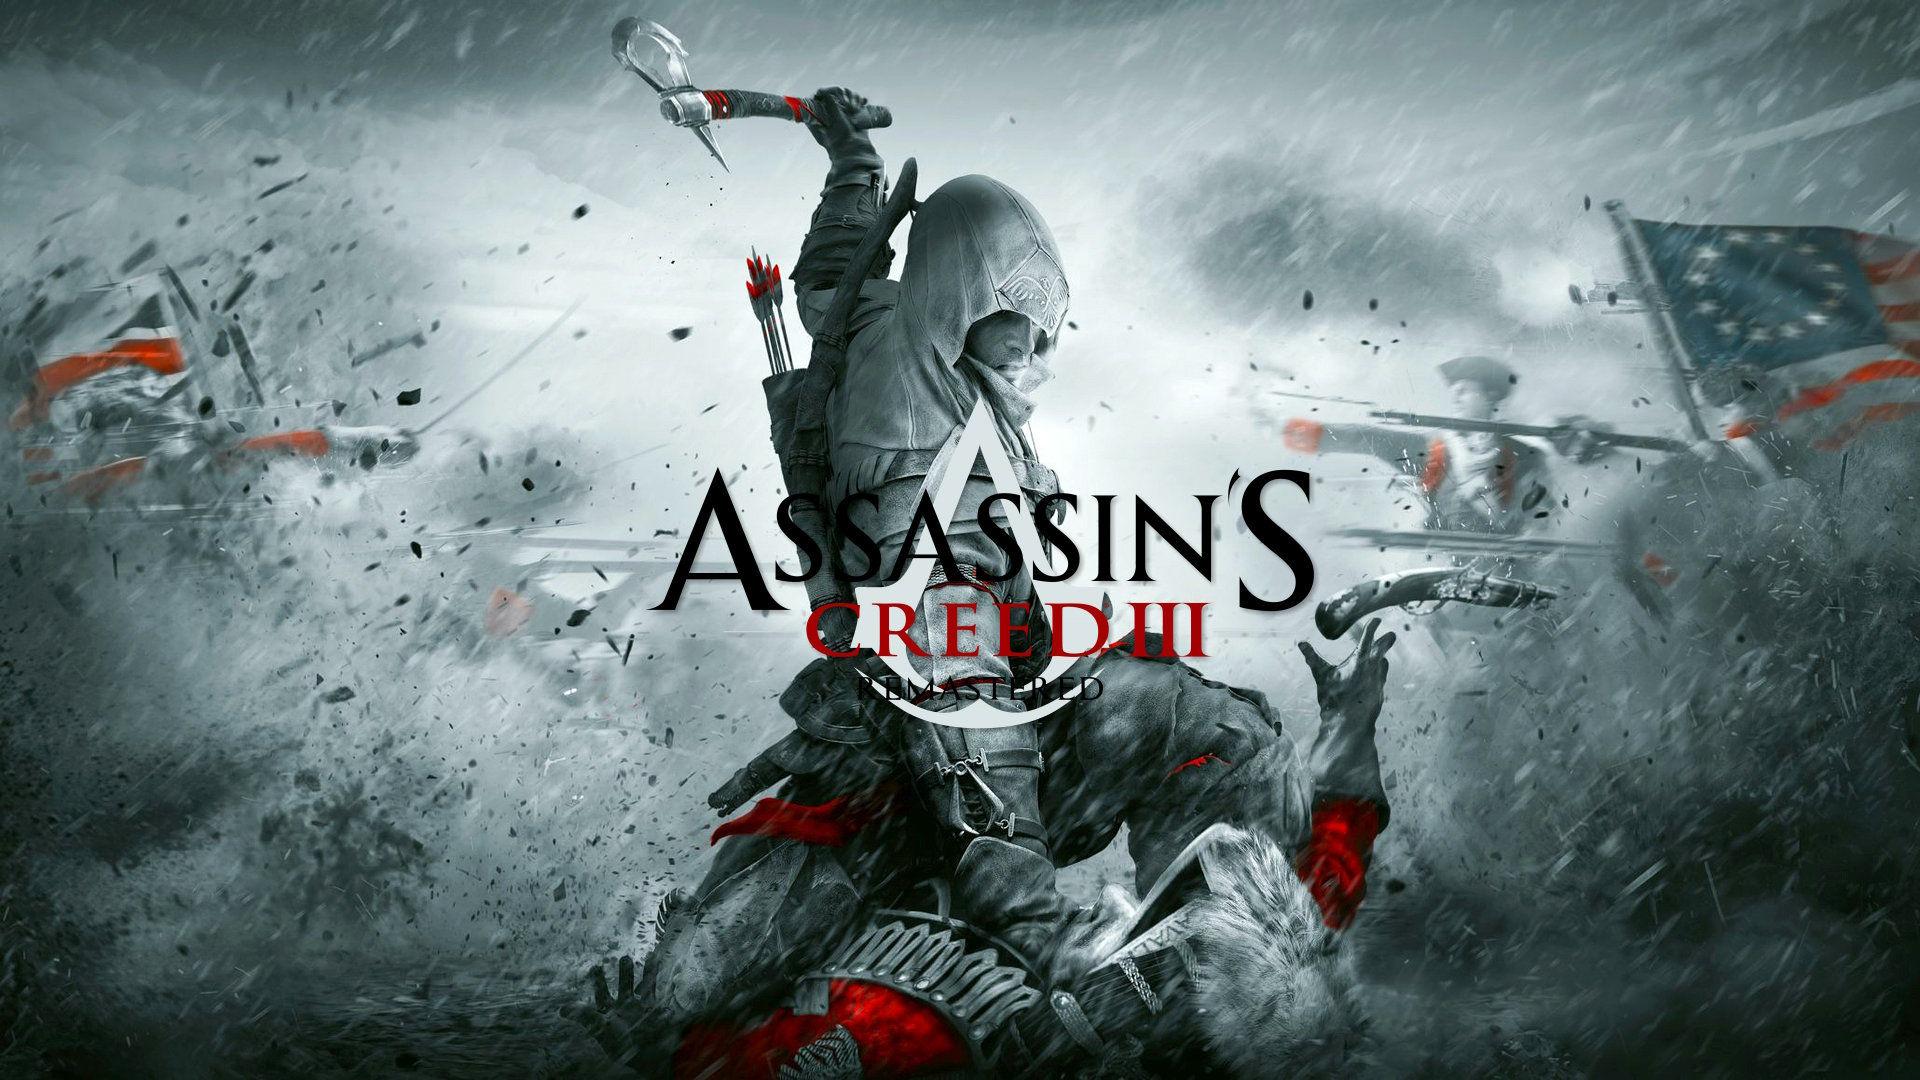 Assassin's Creed 3: Remastered Minimum, Önerilen, Yüksek ve Ultra Sistem Gereksinimleri